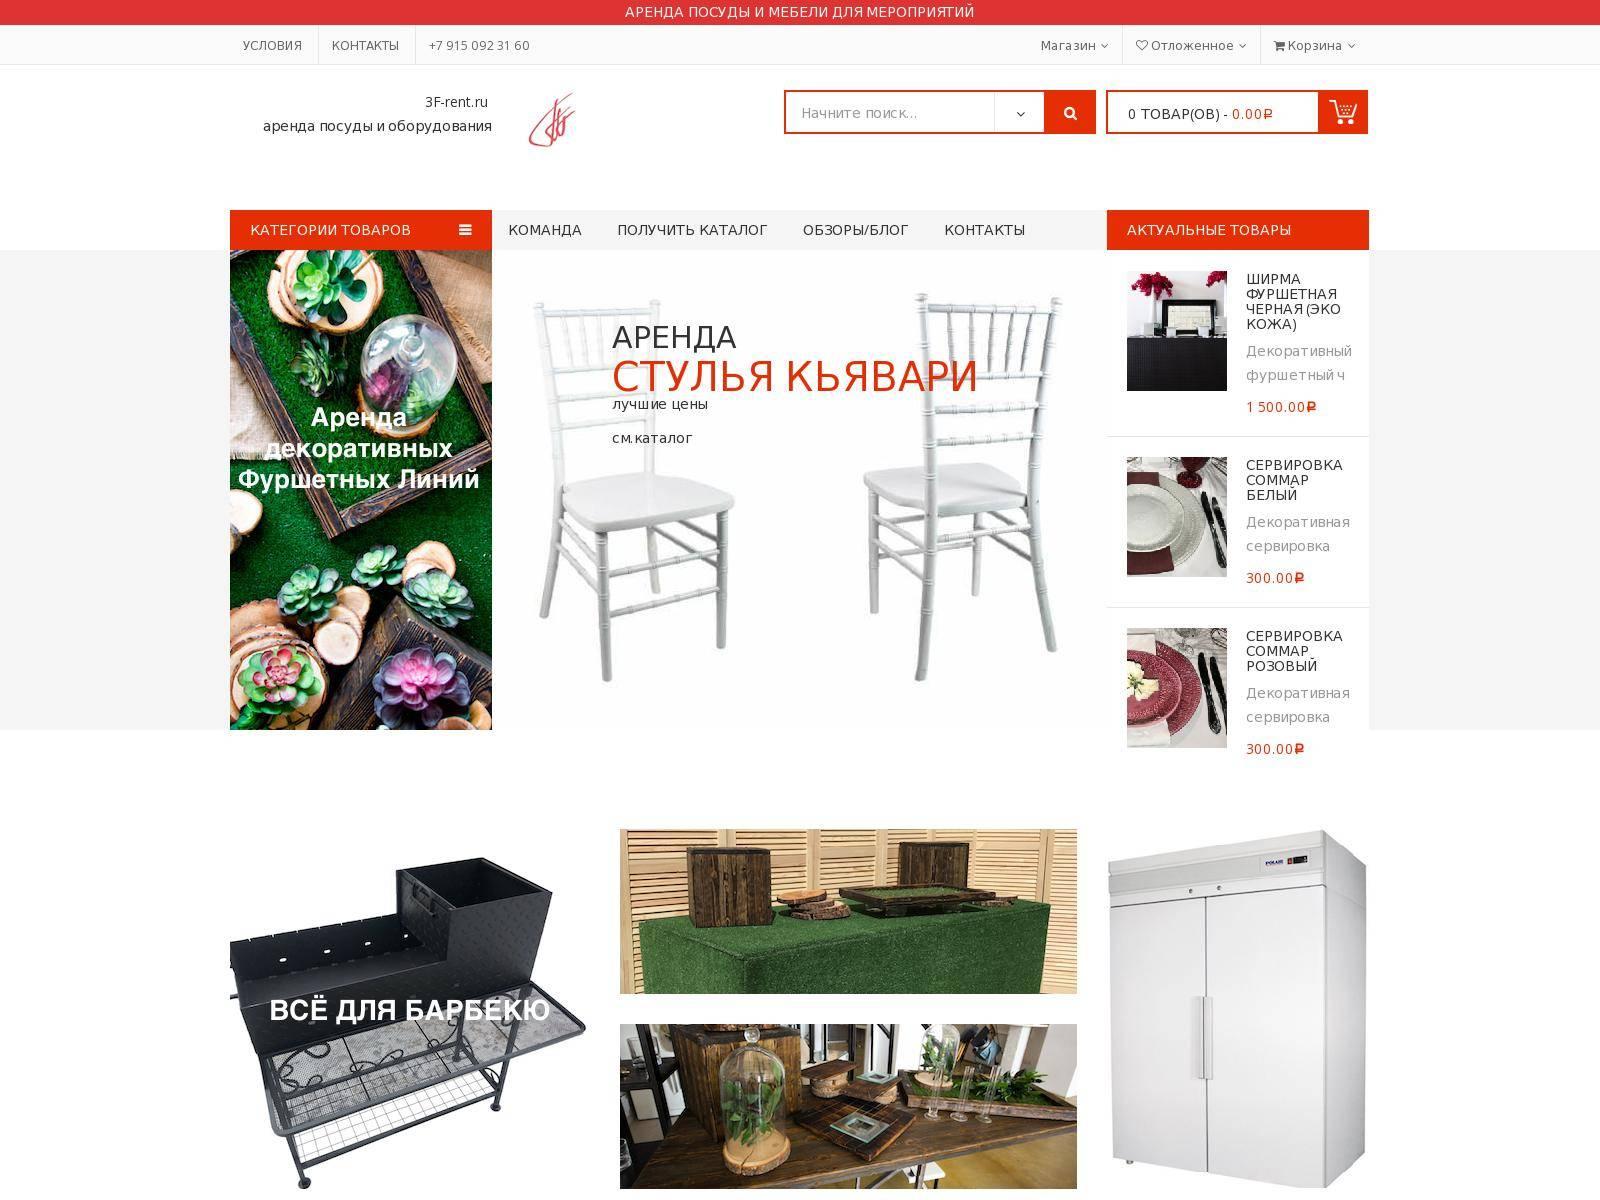 3f-rent.ru